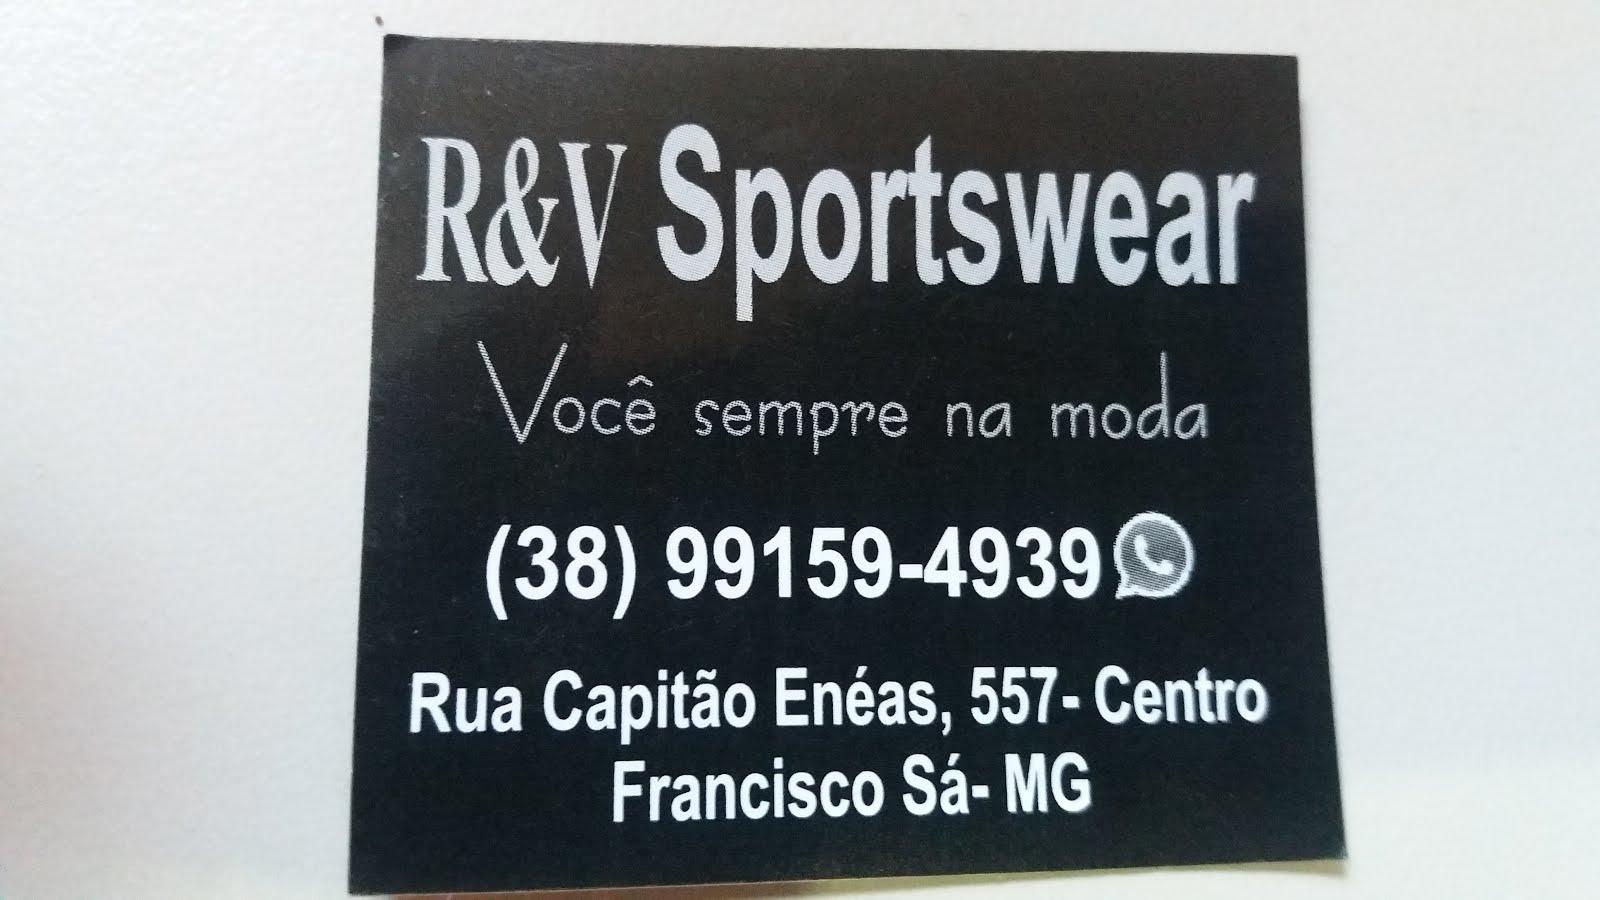 R&V Sportswear